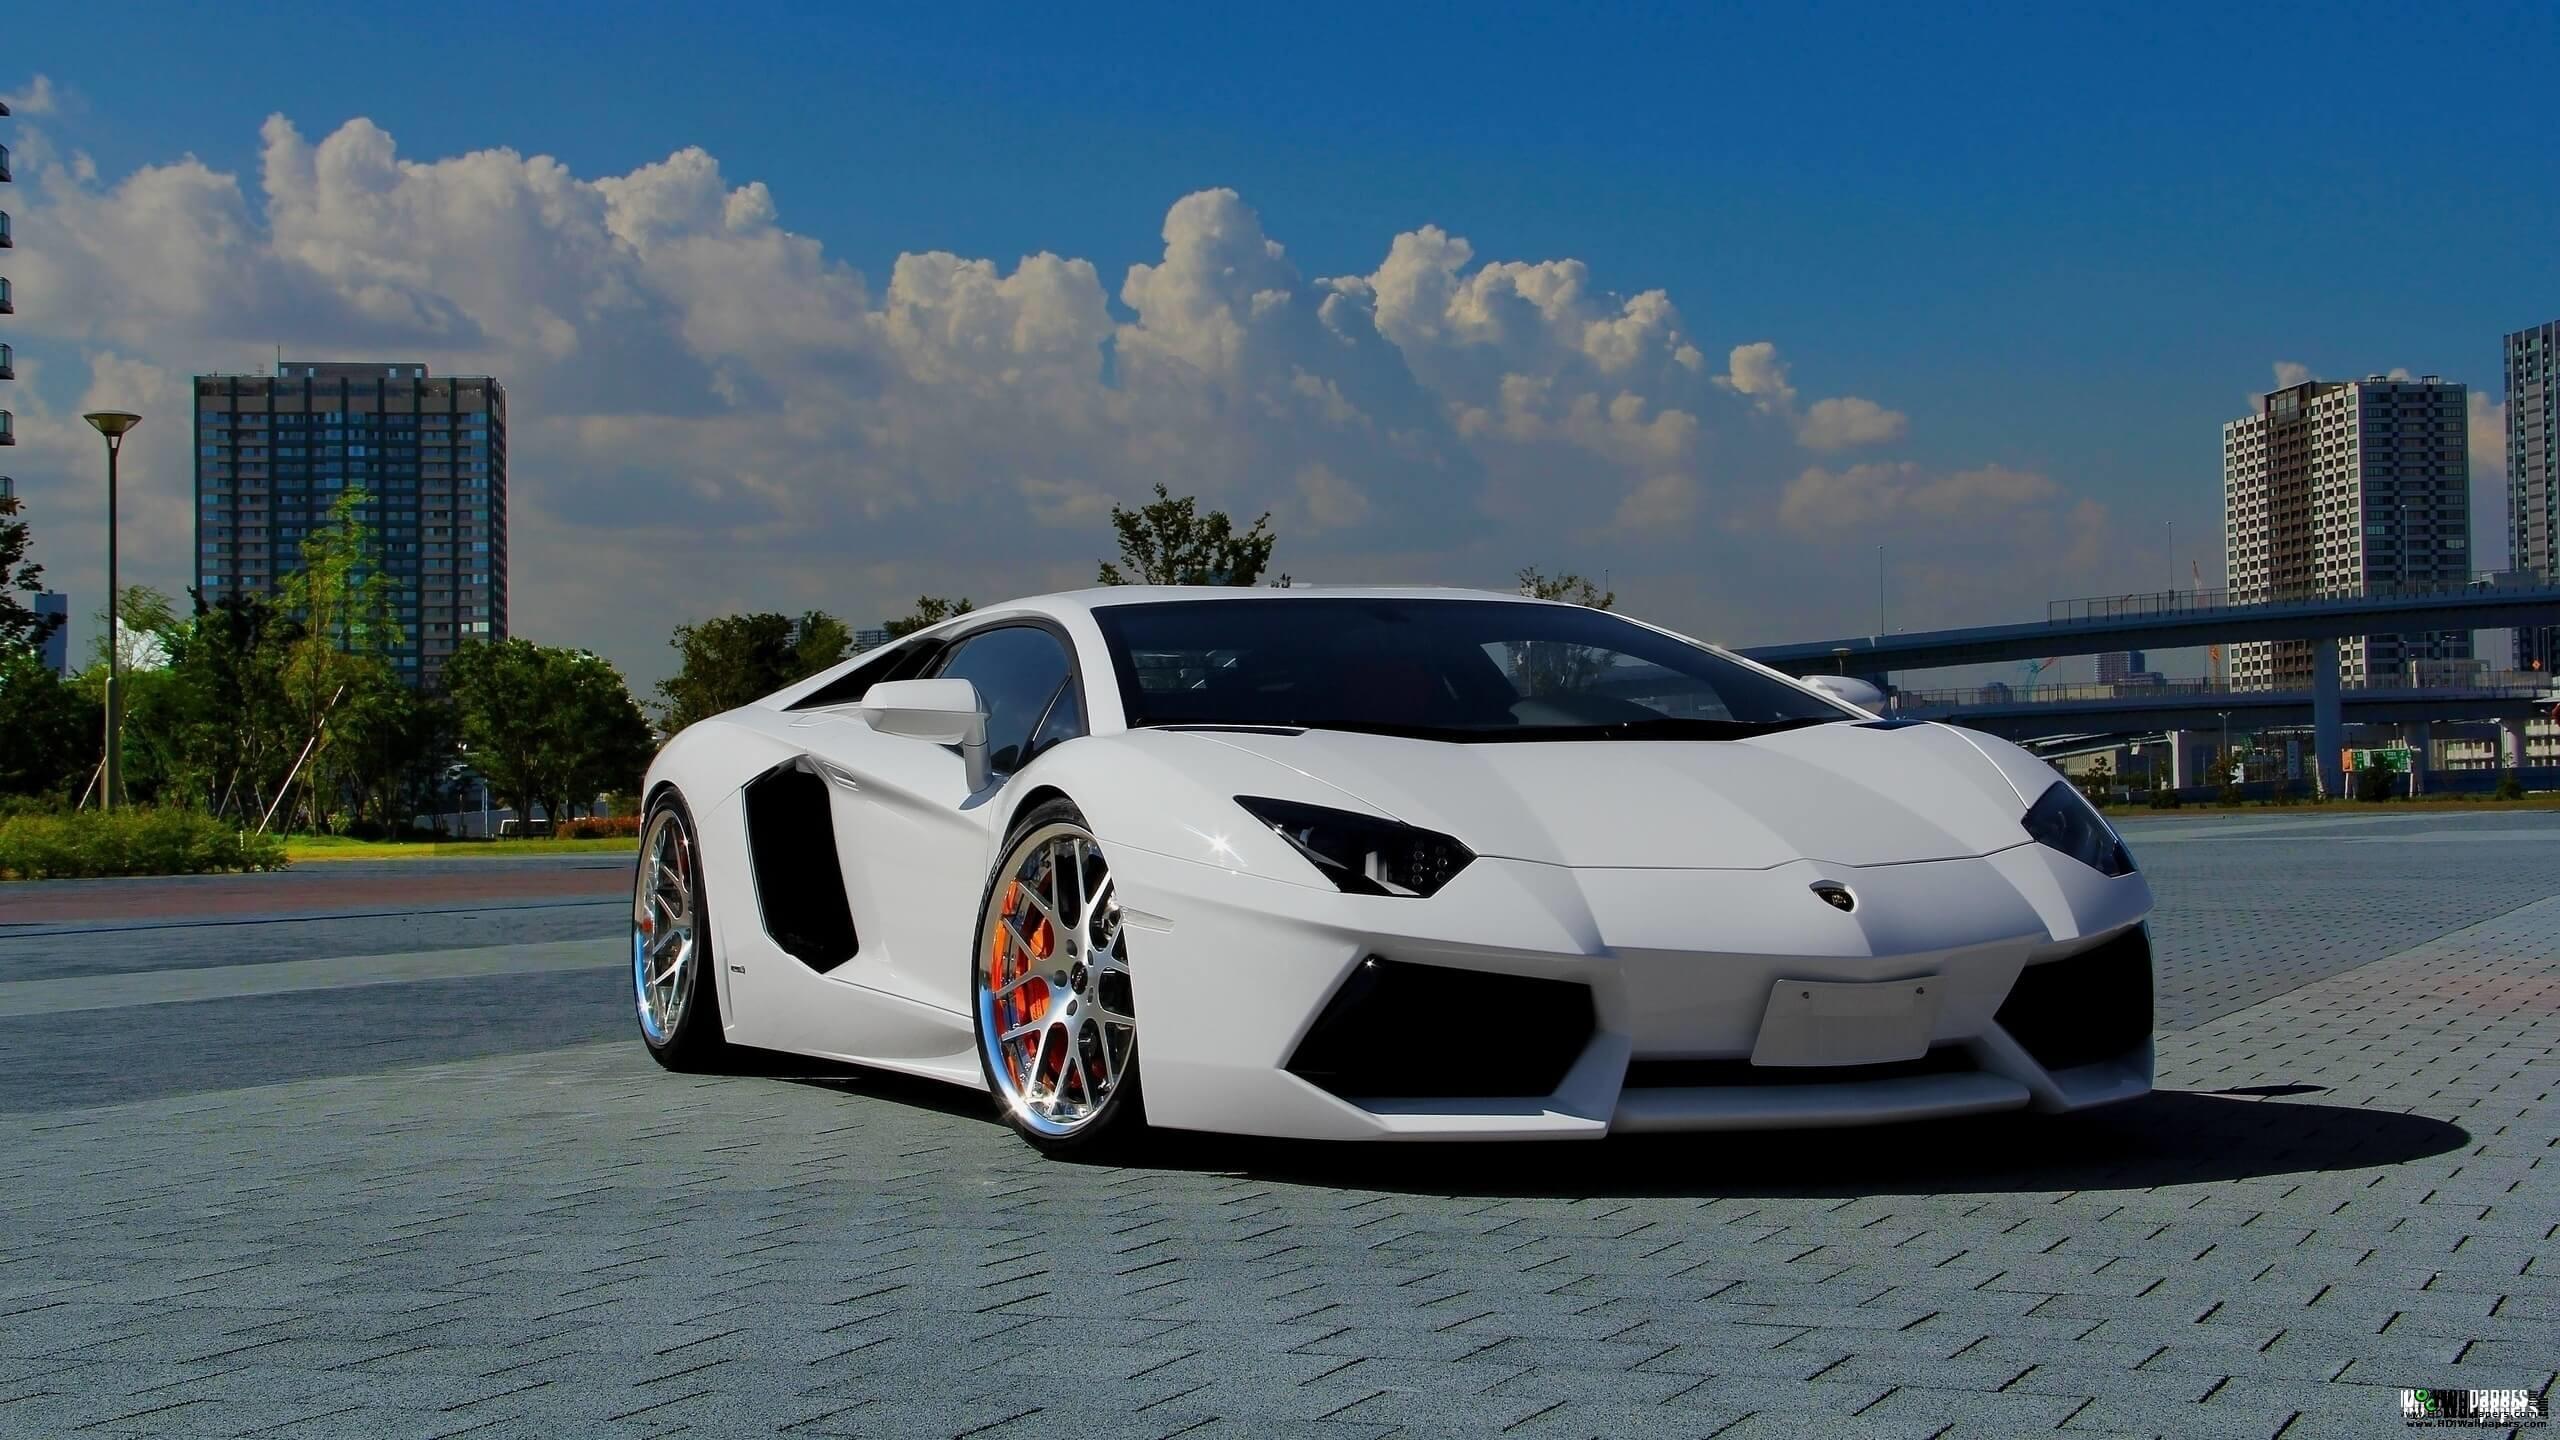 Download Lamborghini Wallpapers Cars Wallpaper Hd For Desktop